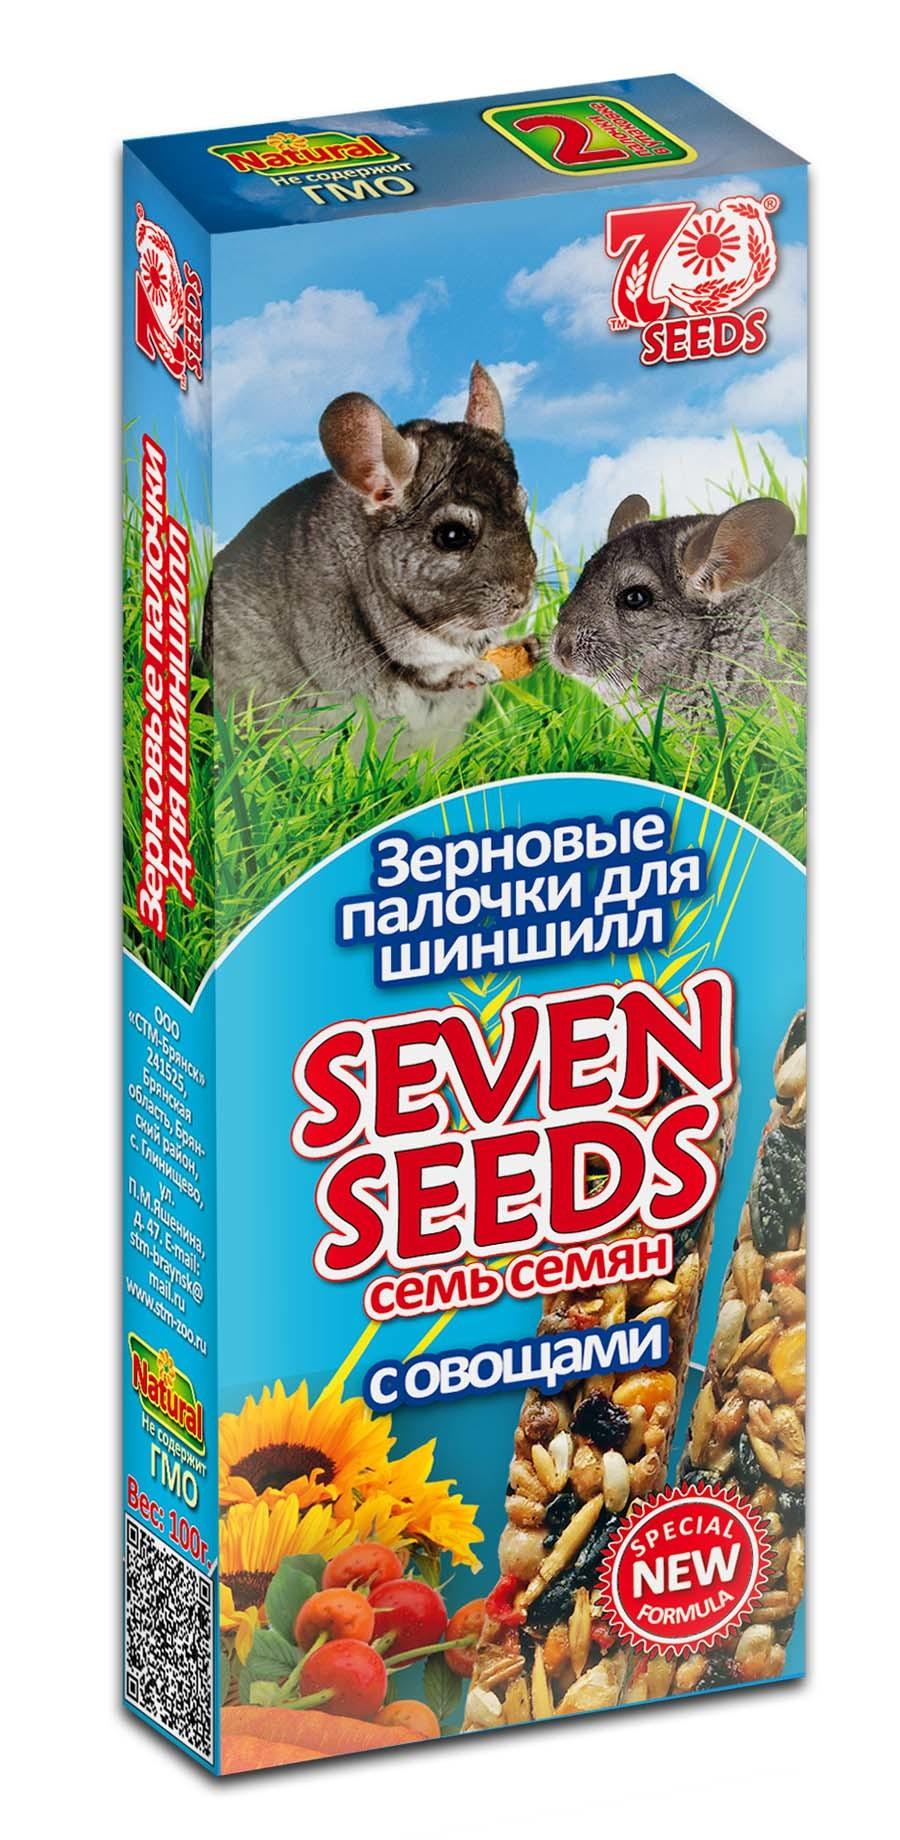 Лакомства Палочки для шиншилл с овощами Seven Seeds Special pa.jpg